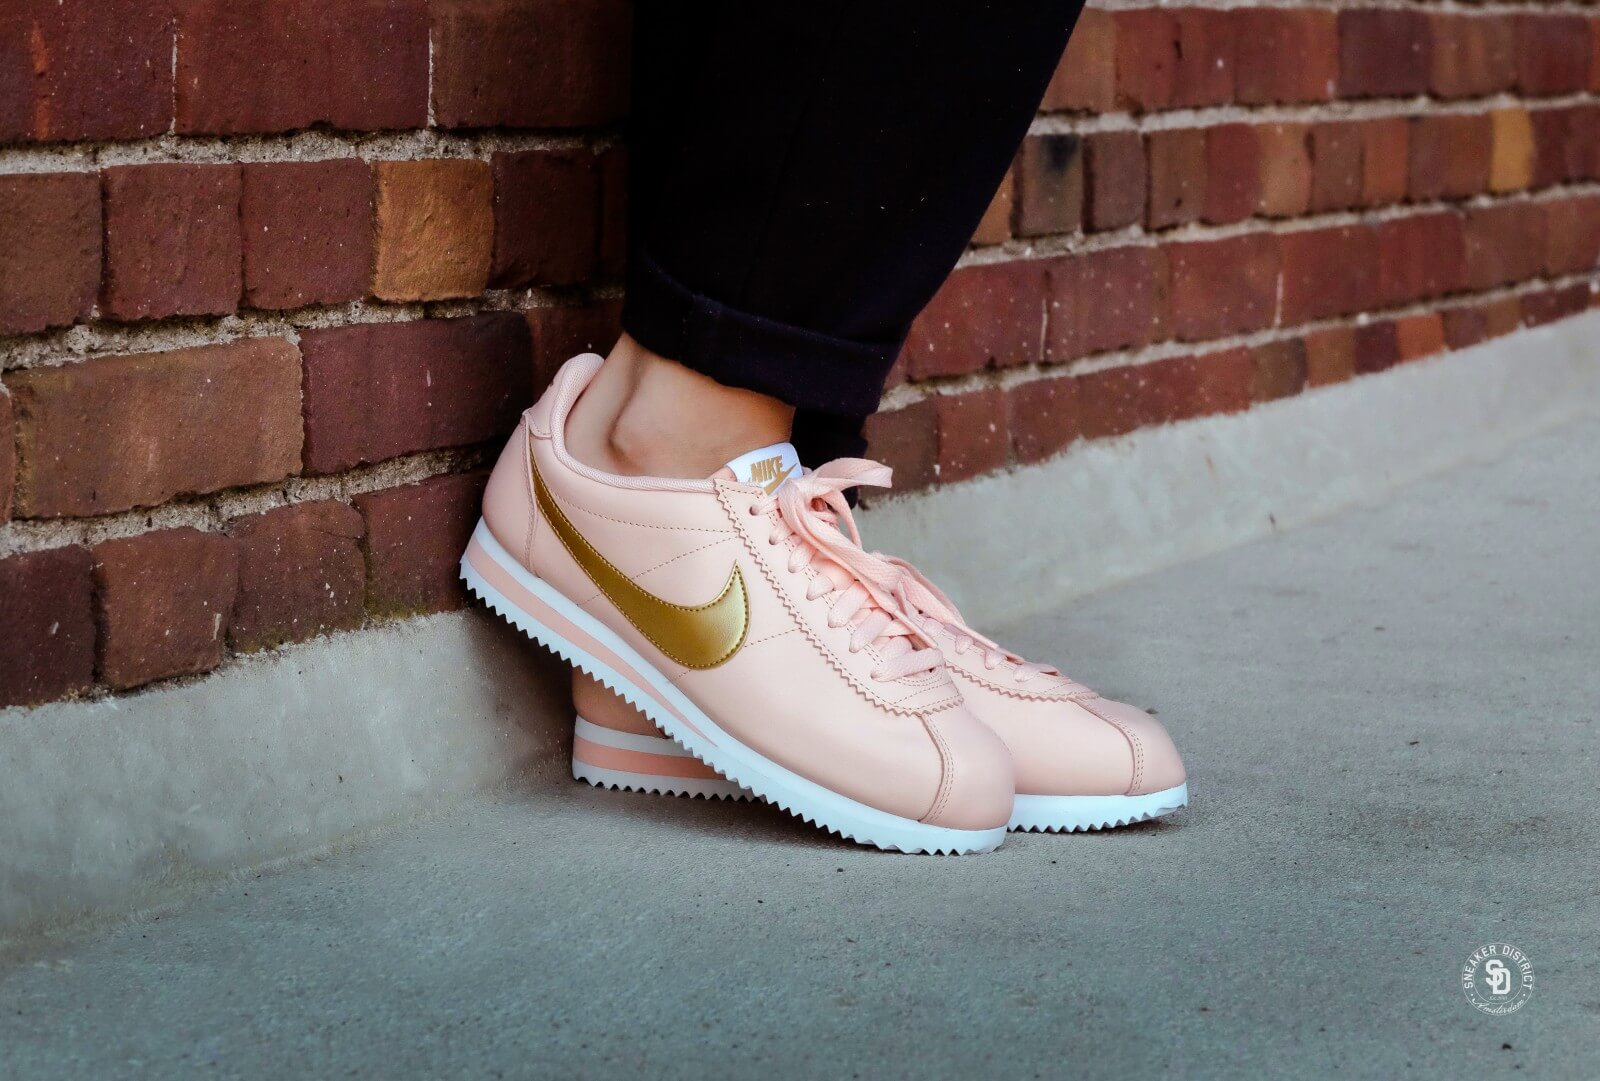 Nike WMNS Classic Cortez Leather Arctic